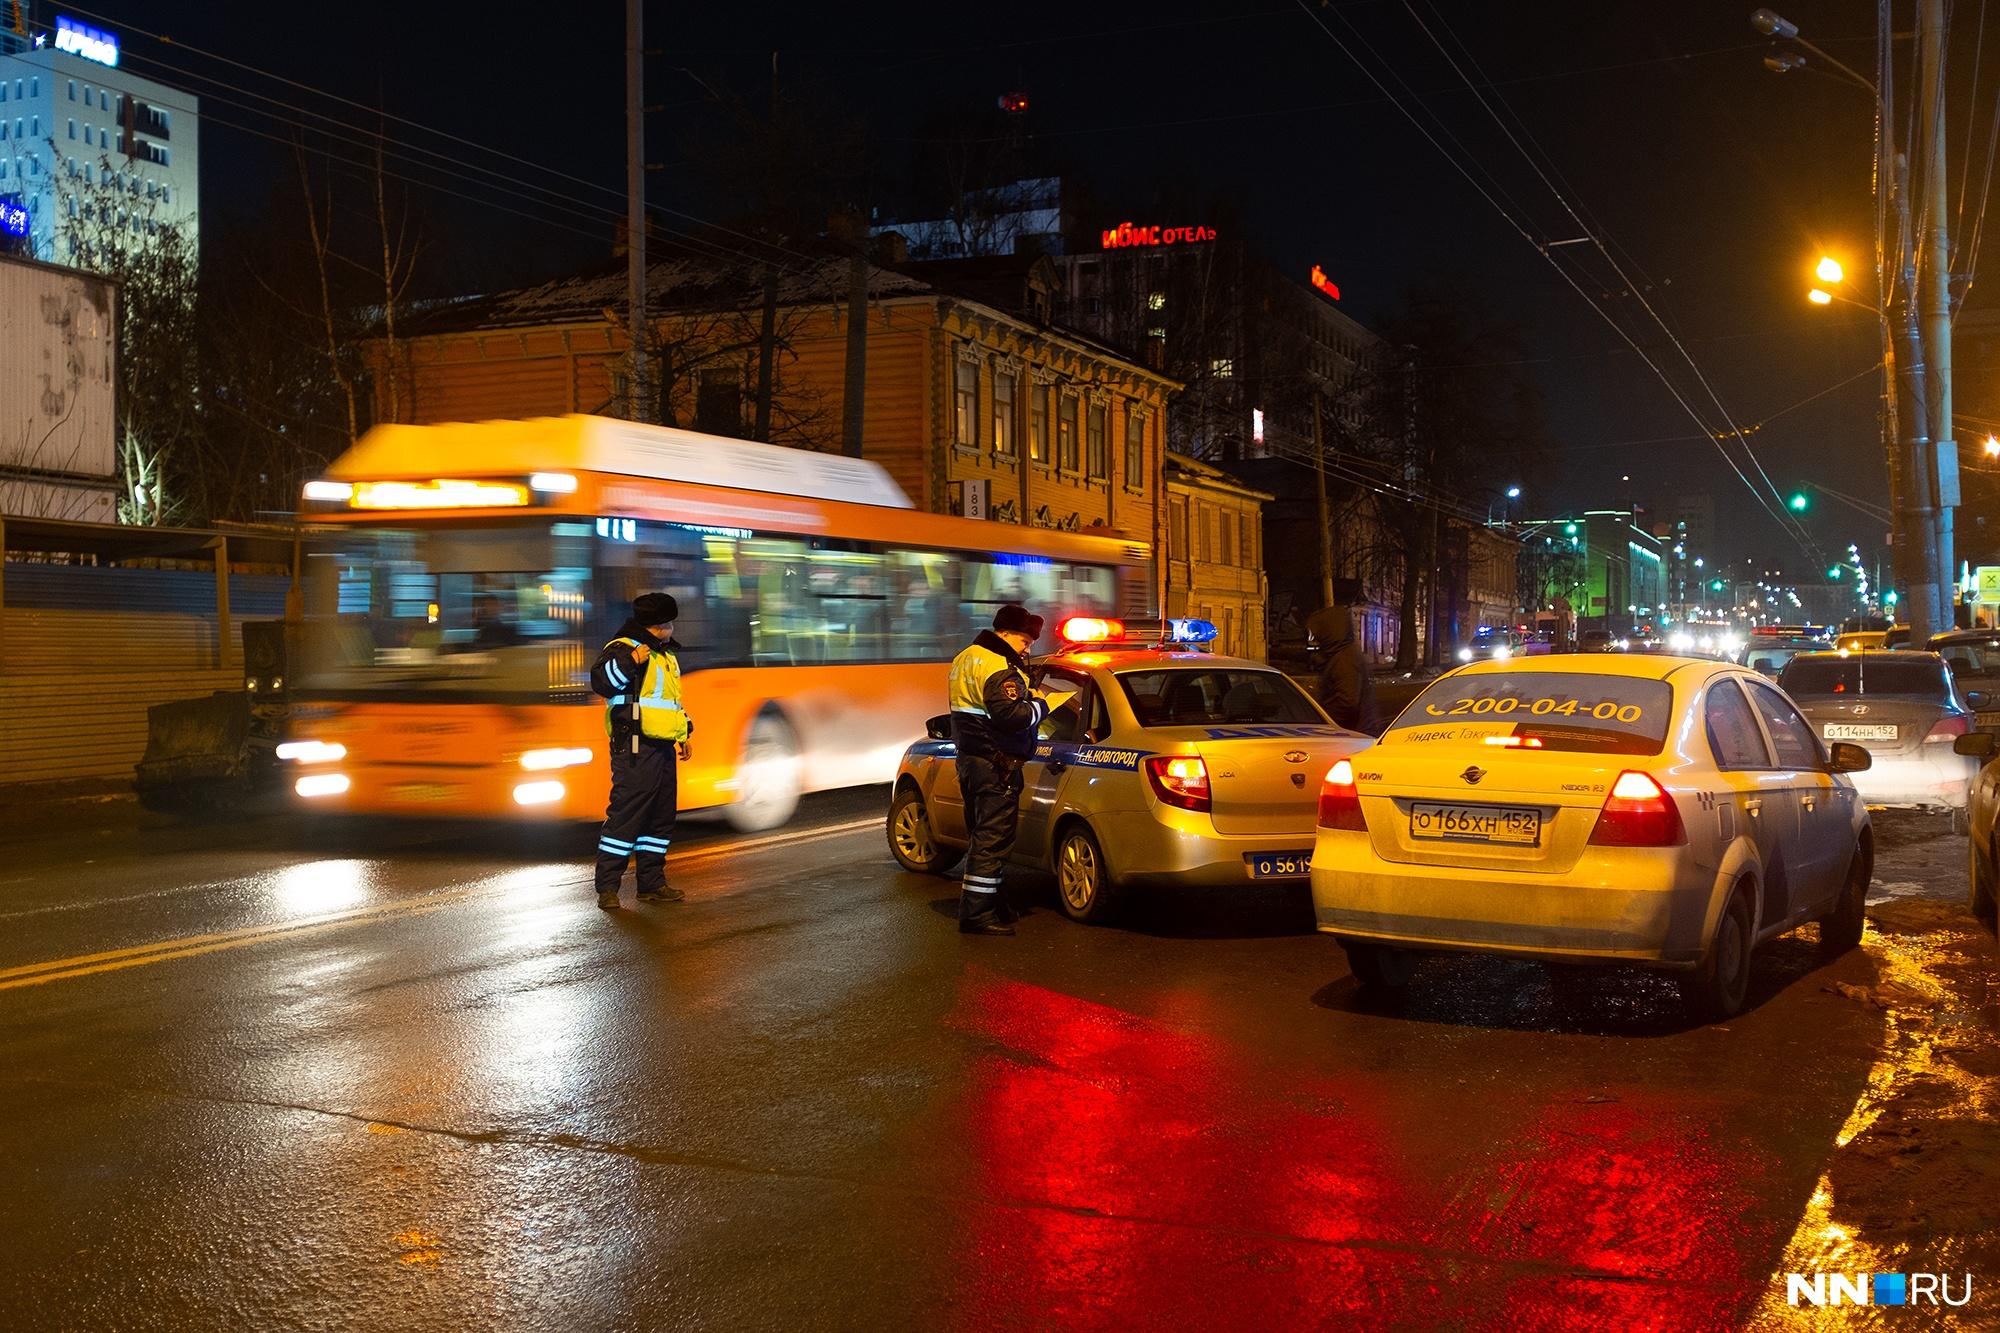 Из-за случившегося улицу Максима Горького частично перекрыли. Сейчас движение восстановлено<br><br>